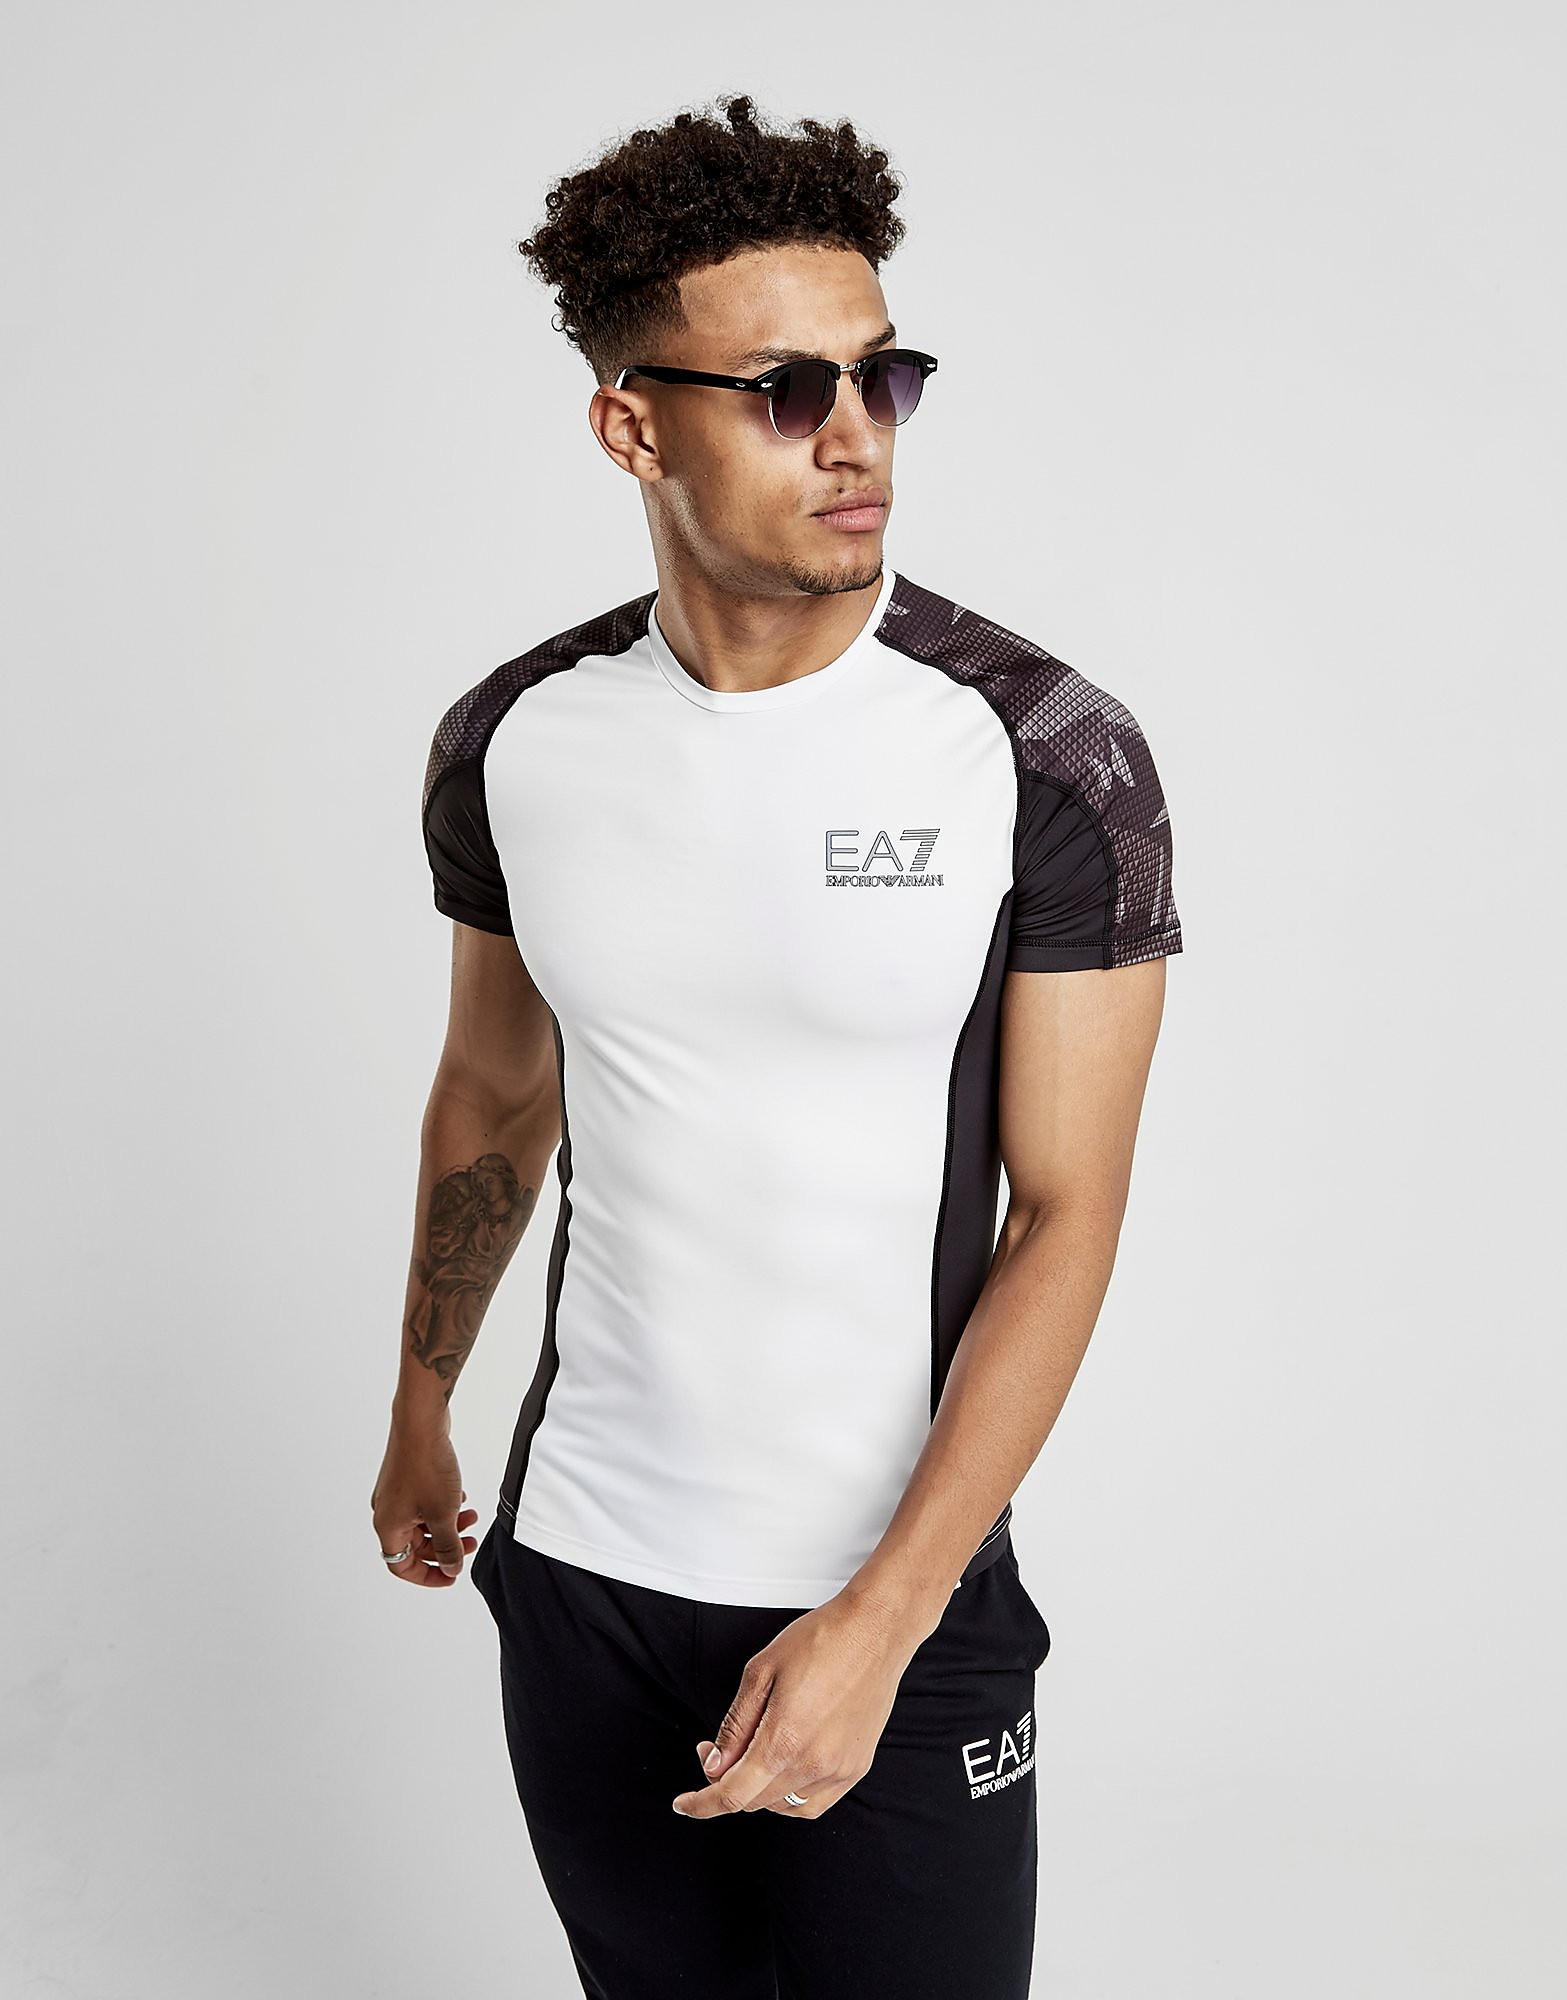 Emporio Armani EA7 T-shirt Poly Tech Homme